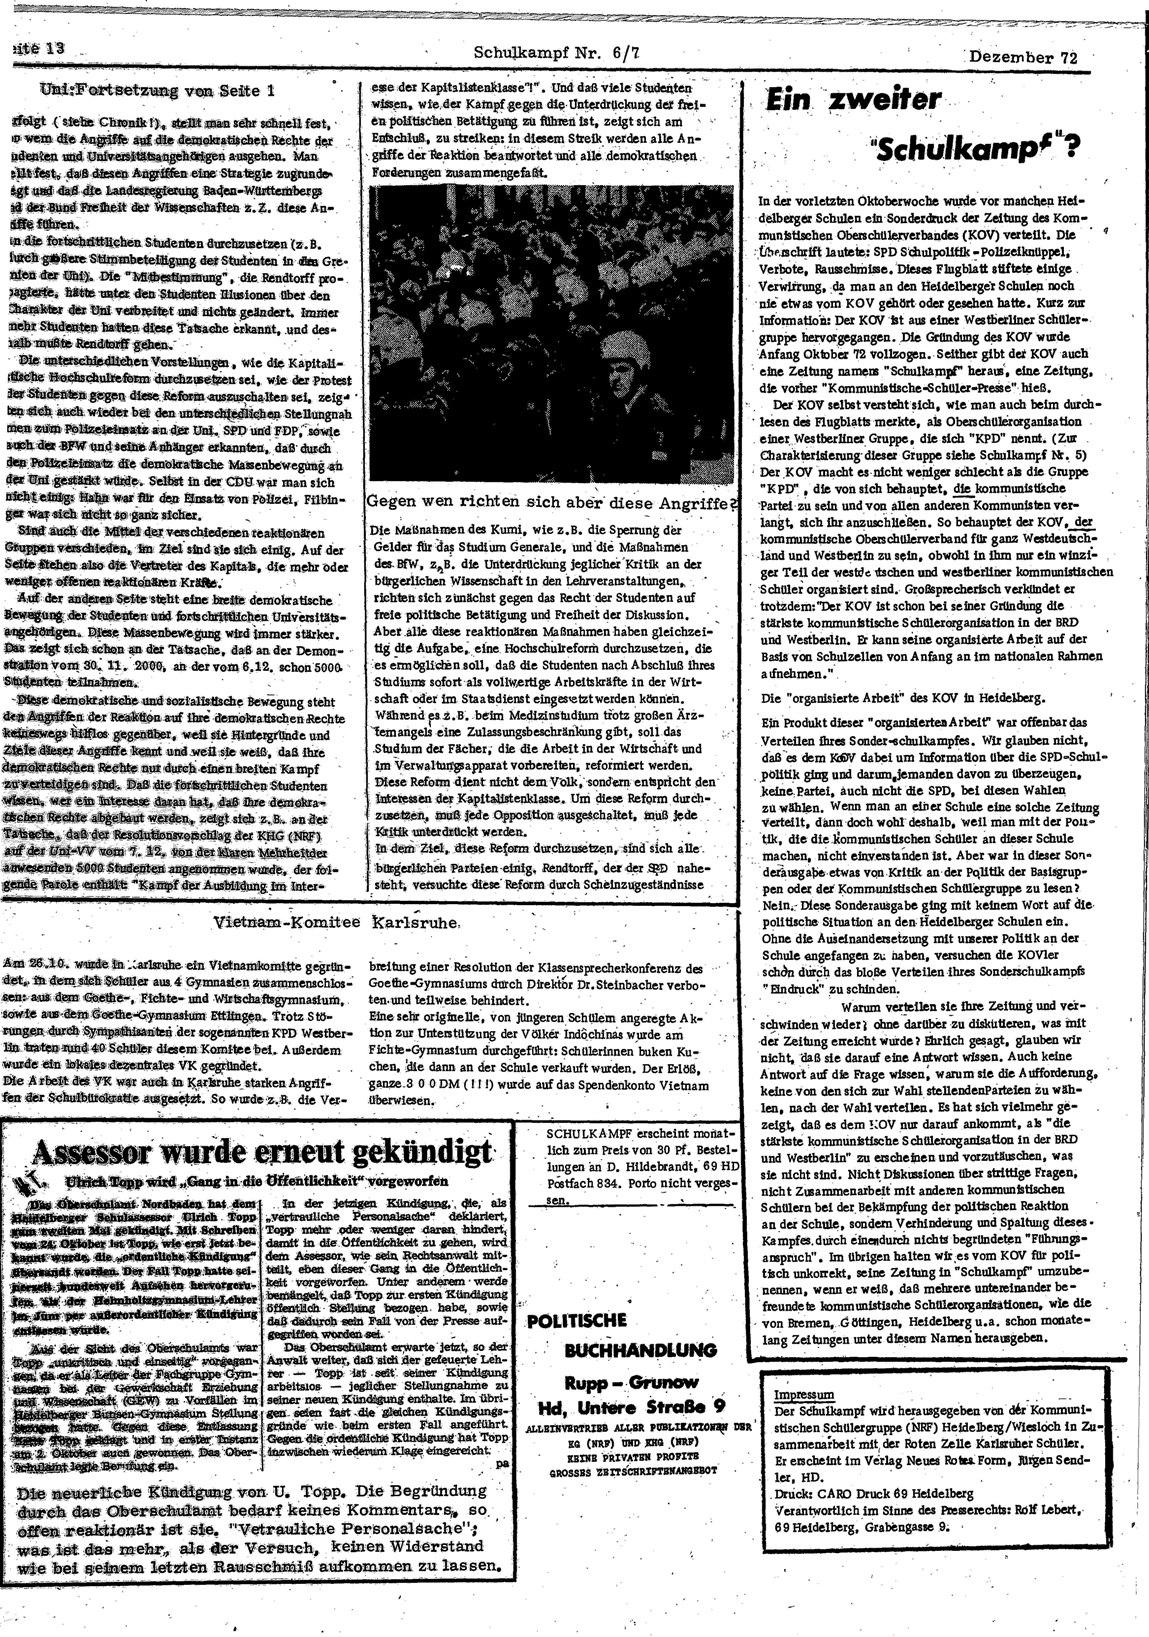 Schulkampf_HD_1972_06_13